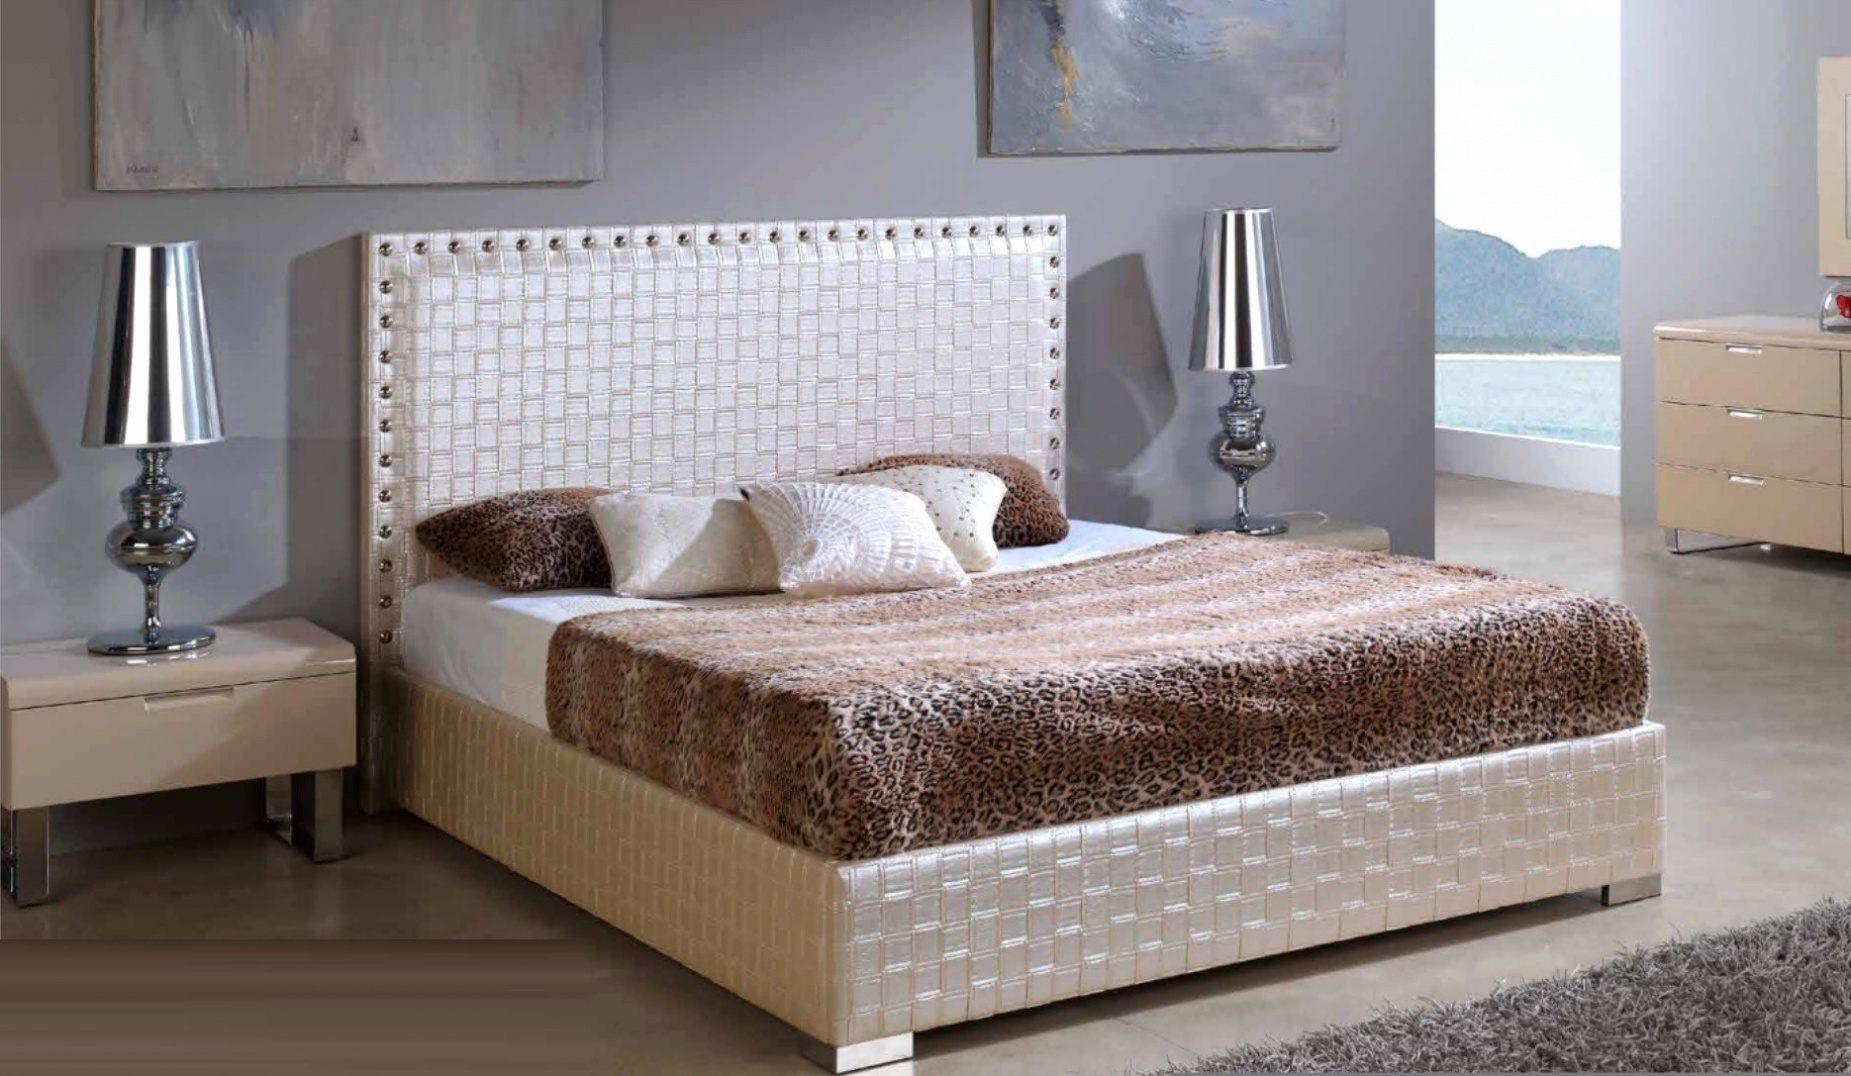 Tete De Lit Blanche 180 Impressionnant sove Tete De Lit 160 Blanc — sovedis Aquatabs